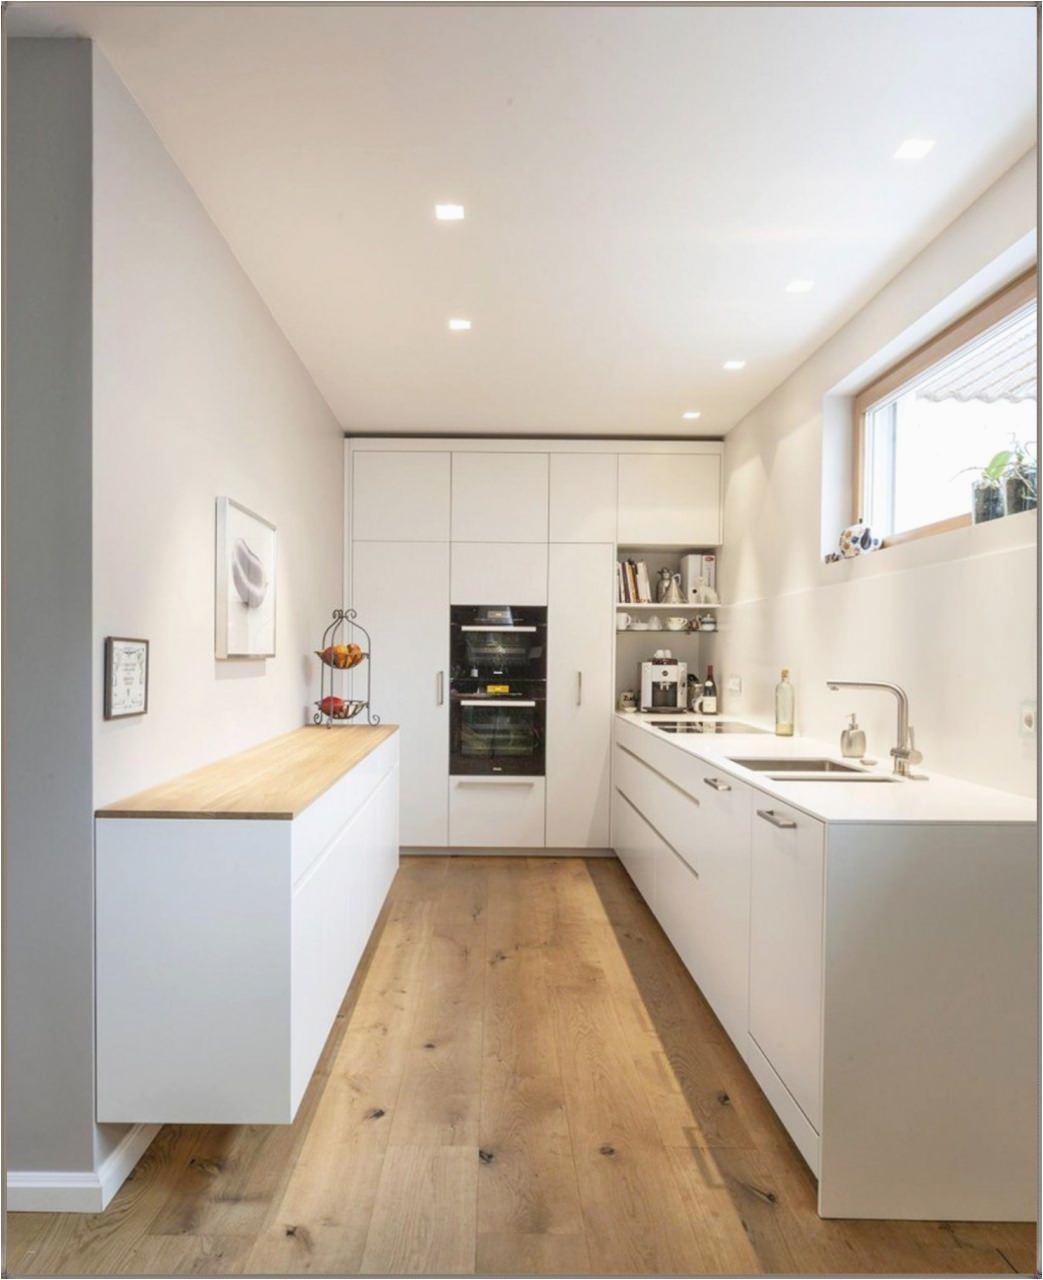 Küchenboden Schwarz Weiß Badezimmer Schwarz Weiß Holz